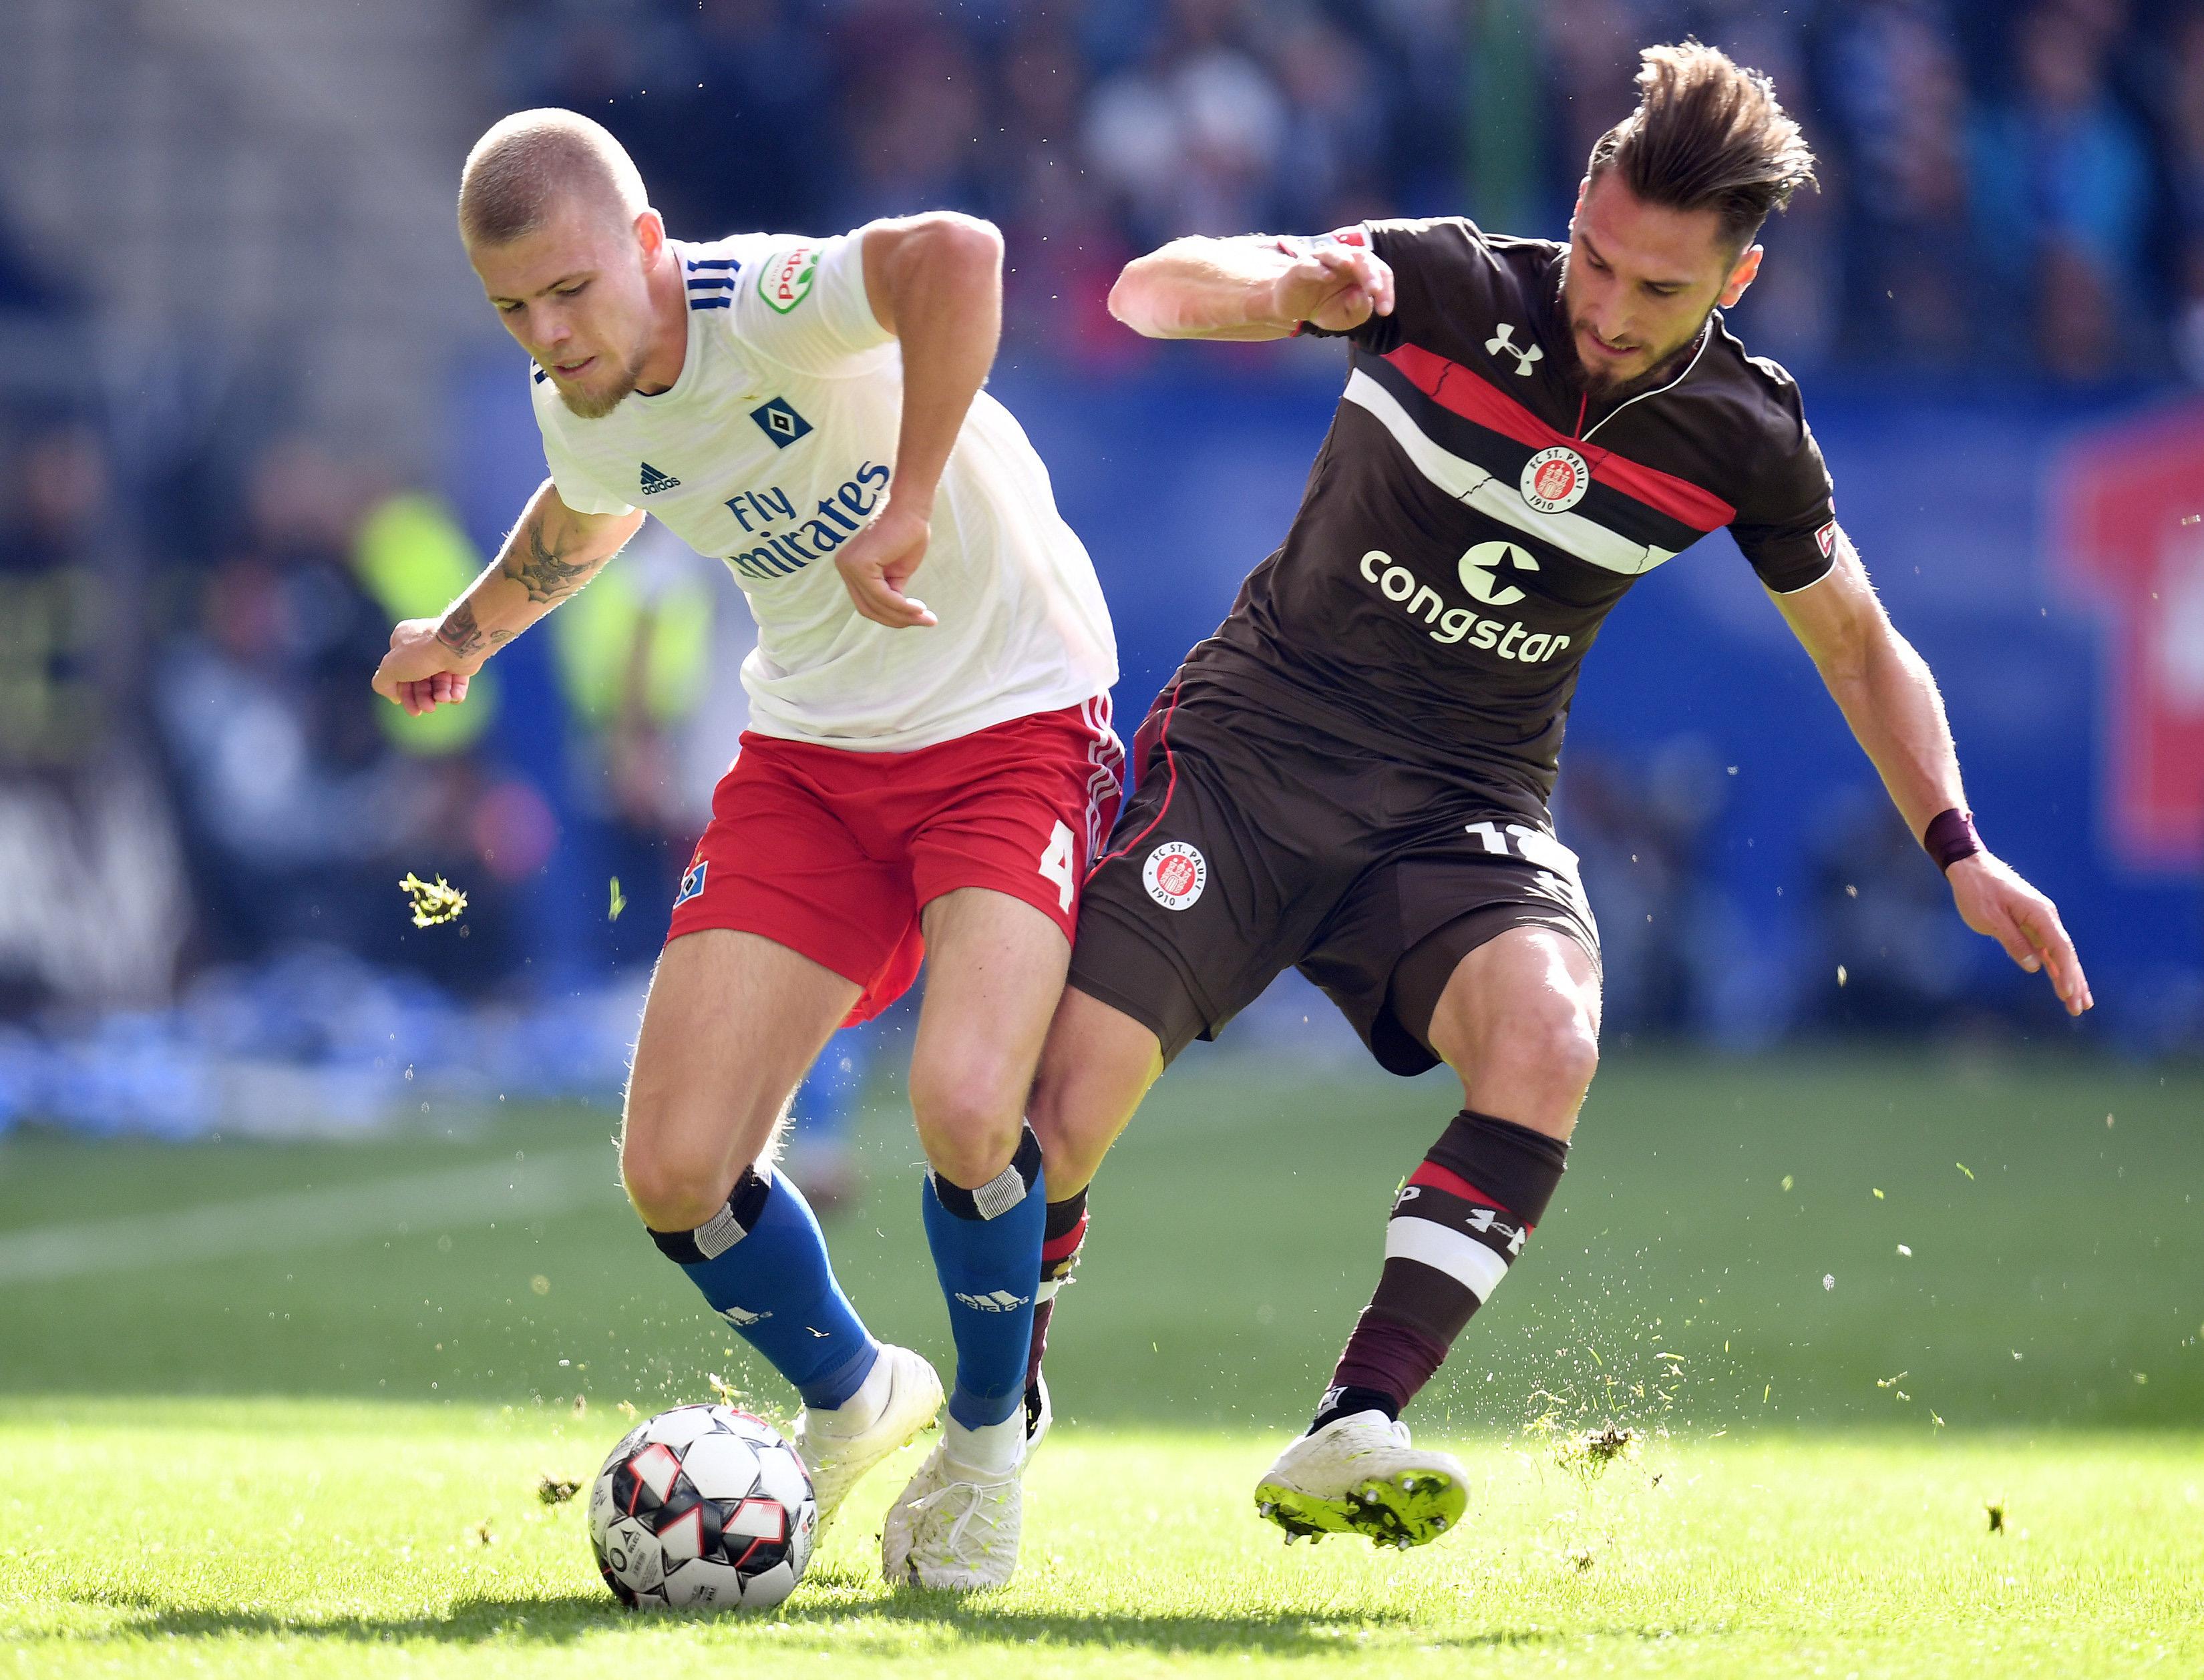 Binnen weniger Minuten: Derby-Heimspiel gegen den HSV ausverkauft